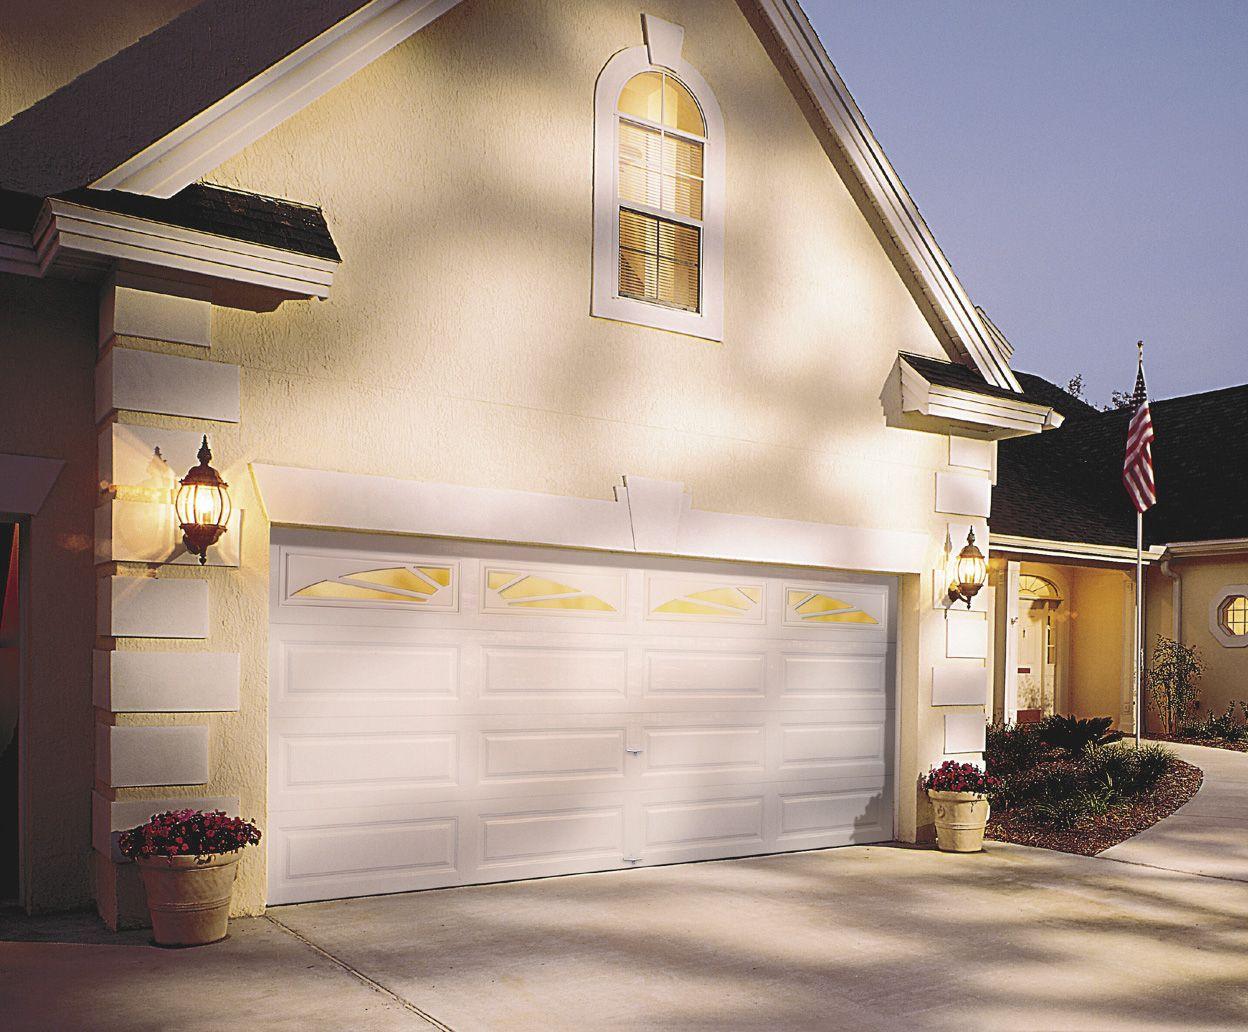 Garage Door Installation With Images Residential Garage Doors